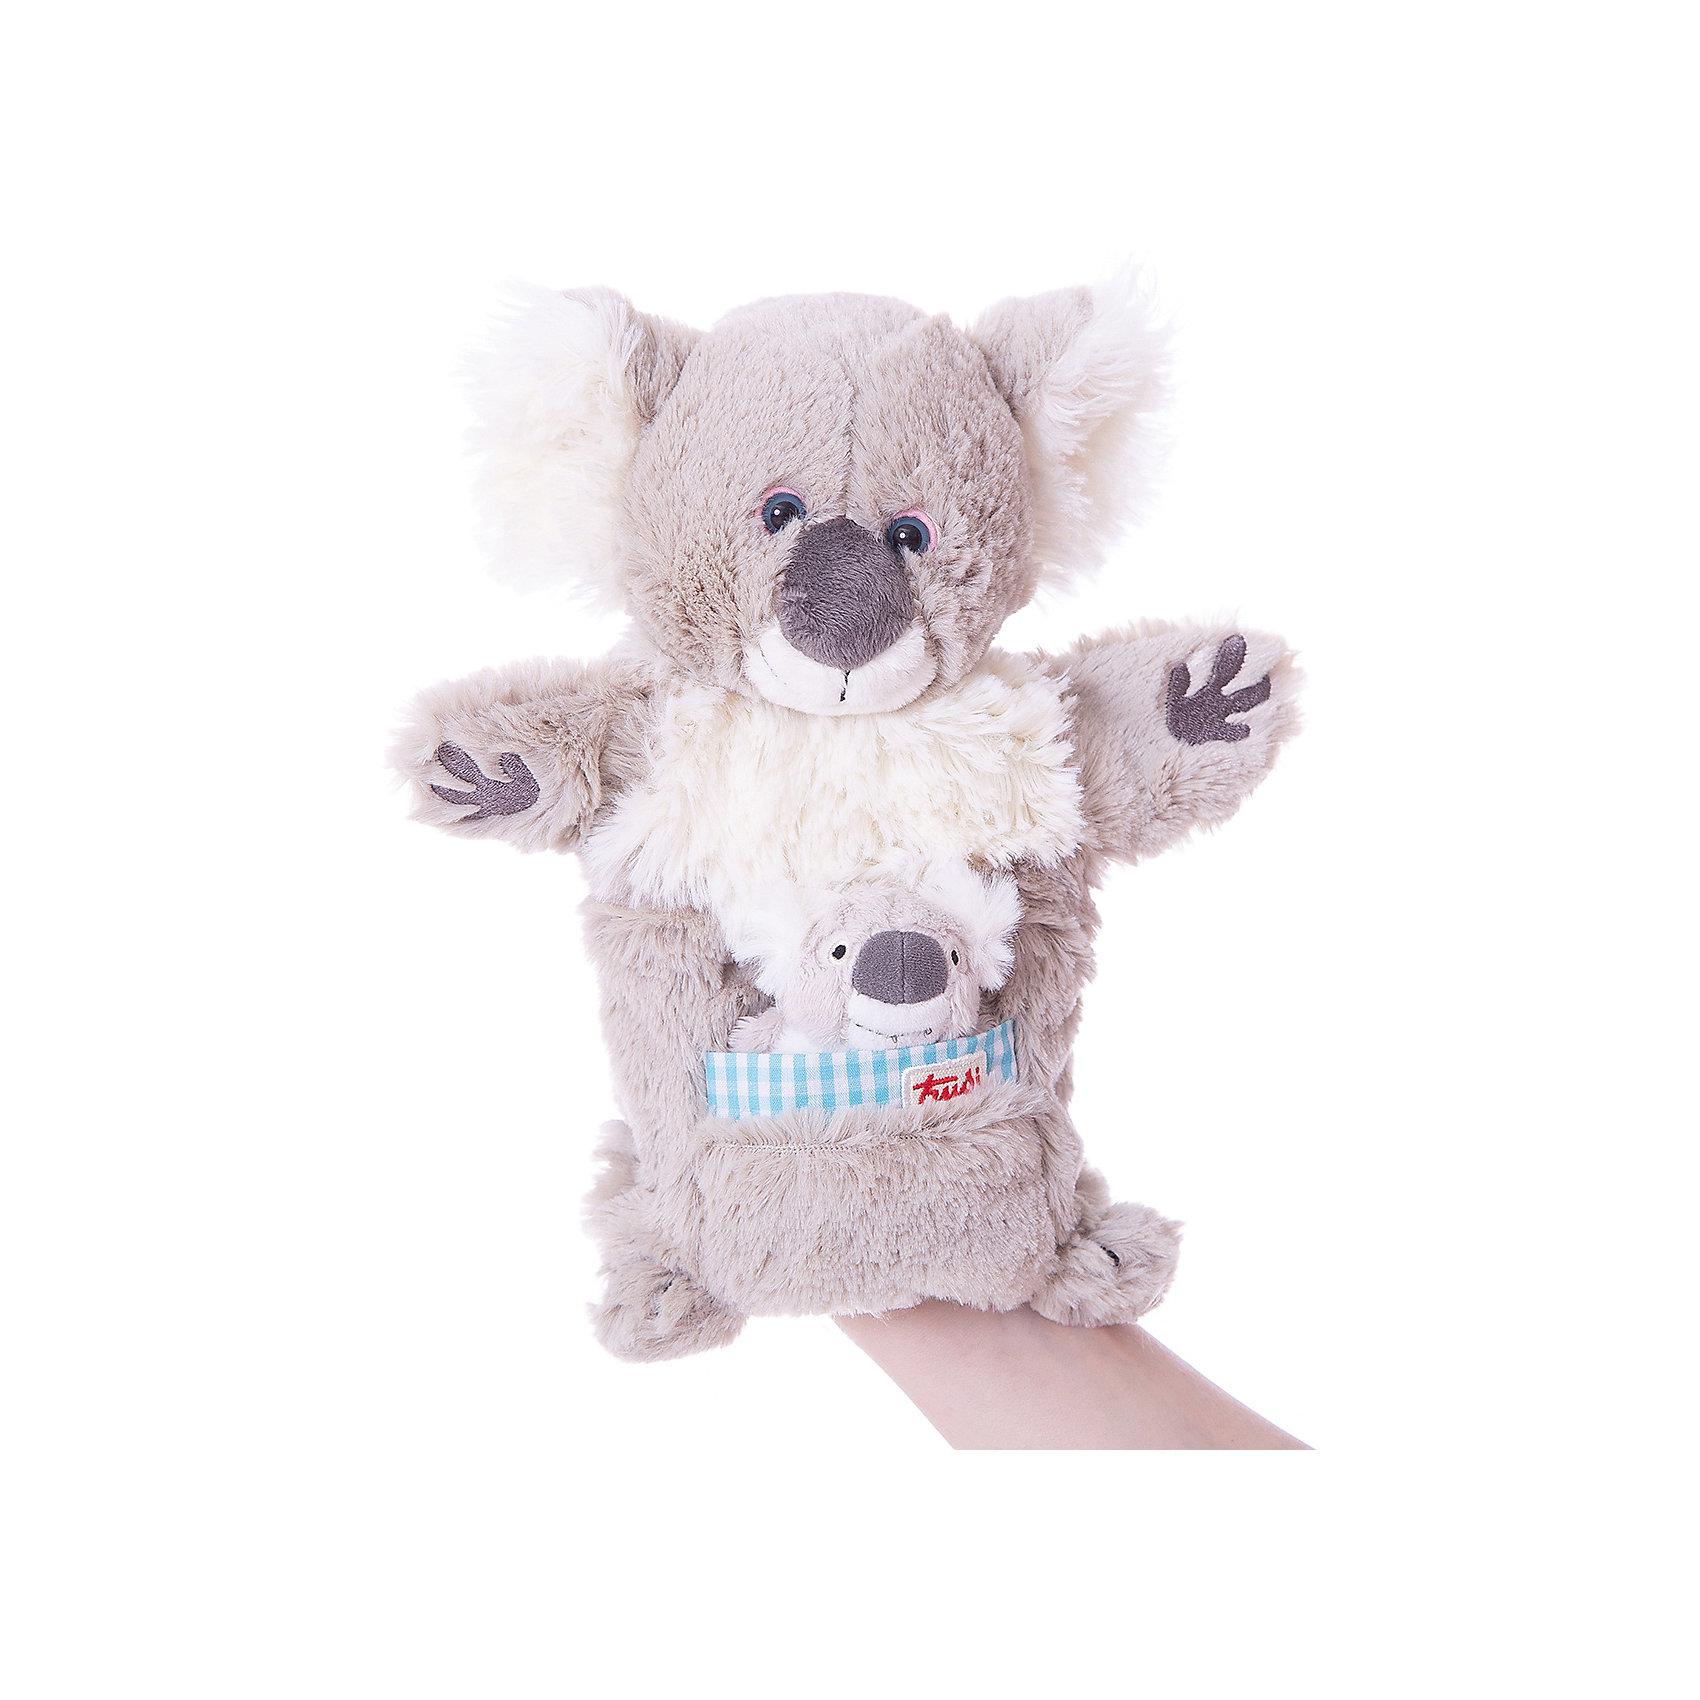 Мягкая игрушка на руку Коала с детенышем, 28 см, TrudiМедвежата<br>Характеристики товара:<br><br>• возраст от 1 года;<br>• материал: плюш, пластик;<br>• высота игрушки 28 см;<br>• размер упаковки 28х23х8 см;<br>• вес упаковки 80 гр.;<br>• страна производитель Китай.<br><br>Мягкая игрушка на руку Коала с детенышем Trudi — оригинальная мягкая игрушка, которая позволит детям устроить настоящие сценки и спектакли. Надевая игрушку на руку, можно придумывать истории и сюжеты, ставить театральные представления. Игрушка способствует развитию тактильных ощущений, воображения, творческих способностей. Коала изготовлена из мягкого экологически чистого материала, который не вызывает у детей аллергических реакций. Игрушка стирается в стиральной машине в режиме деликатной стирки.<br><br>Мягкую игрушку на руку Коала с детенышем Trudi можно приобрести в нашем интернет-магазине.<br><br>Ширина мм: 80<br>Глубина мм: 280<br>Высота мм: 230<br>Вес г: 90<br>Возраст от месяцев: 12<br>Возраст до месяцев: 2147483647<br>Пол: Унисекс<br>Возраст: Детский<br>SKU: 5578419